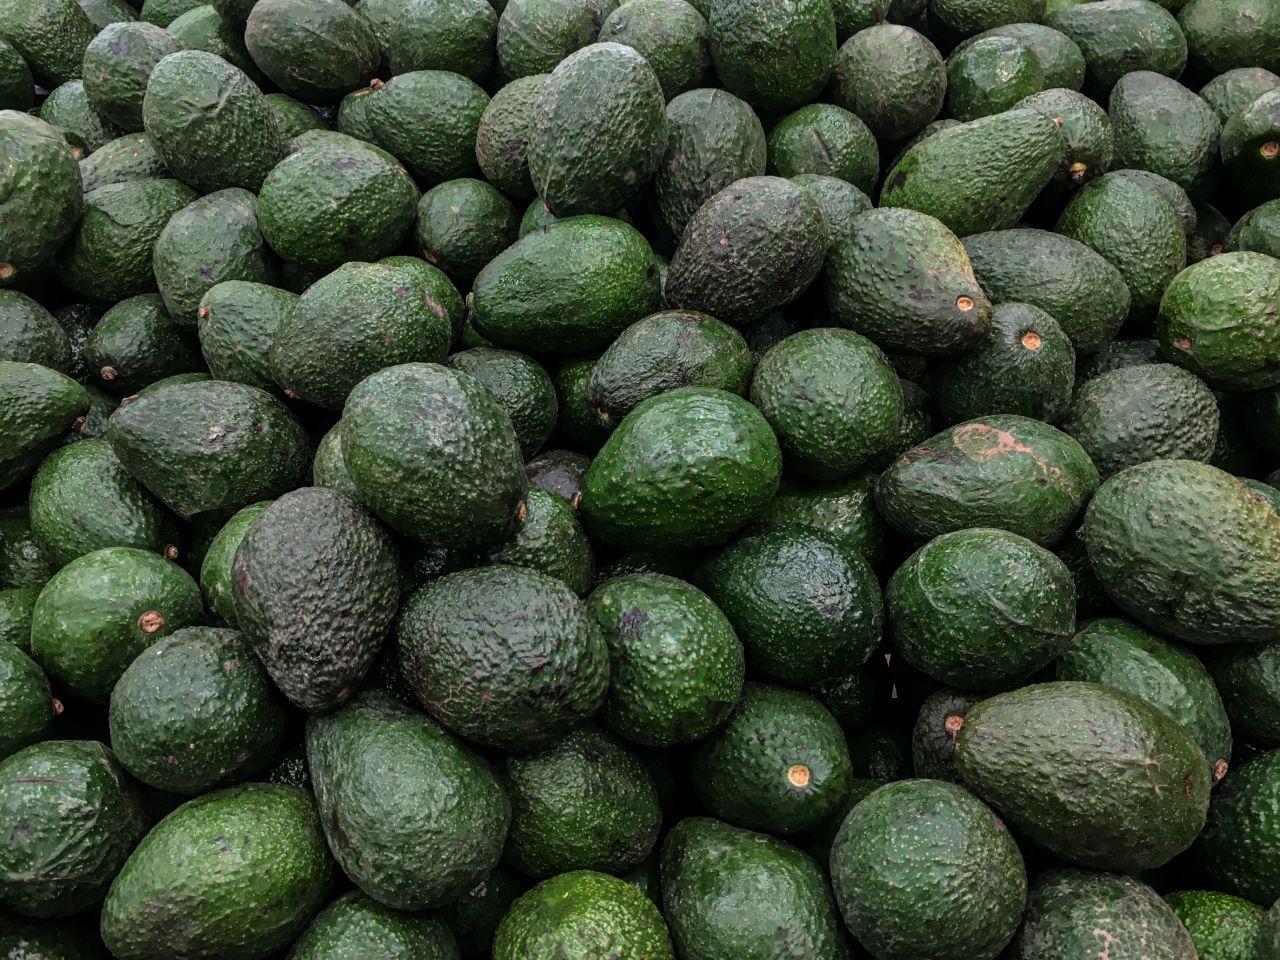 FRisch geerntete Avocados